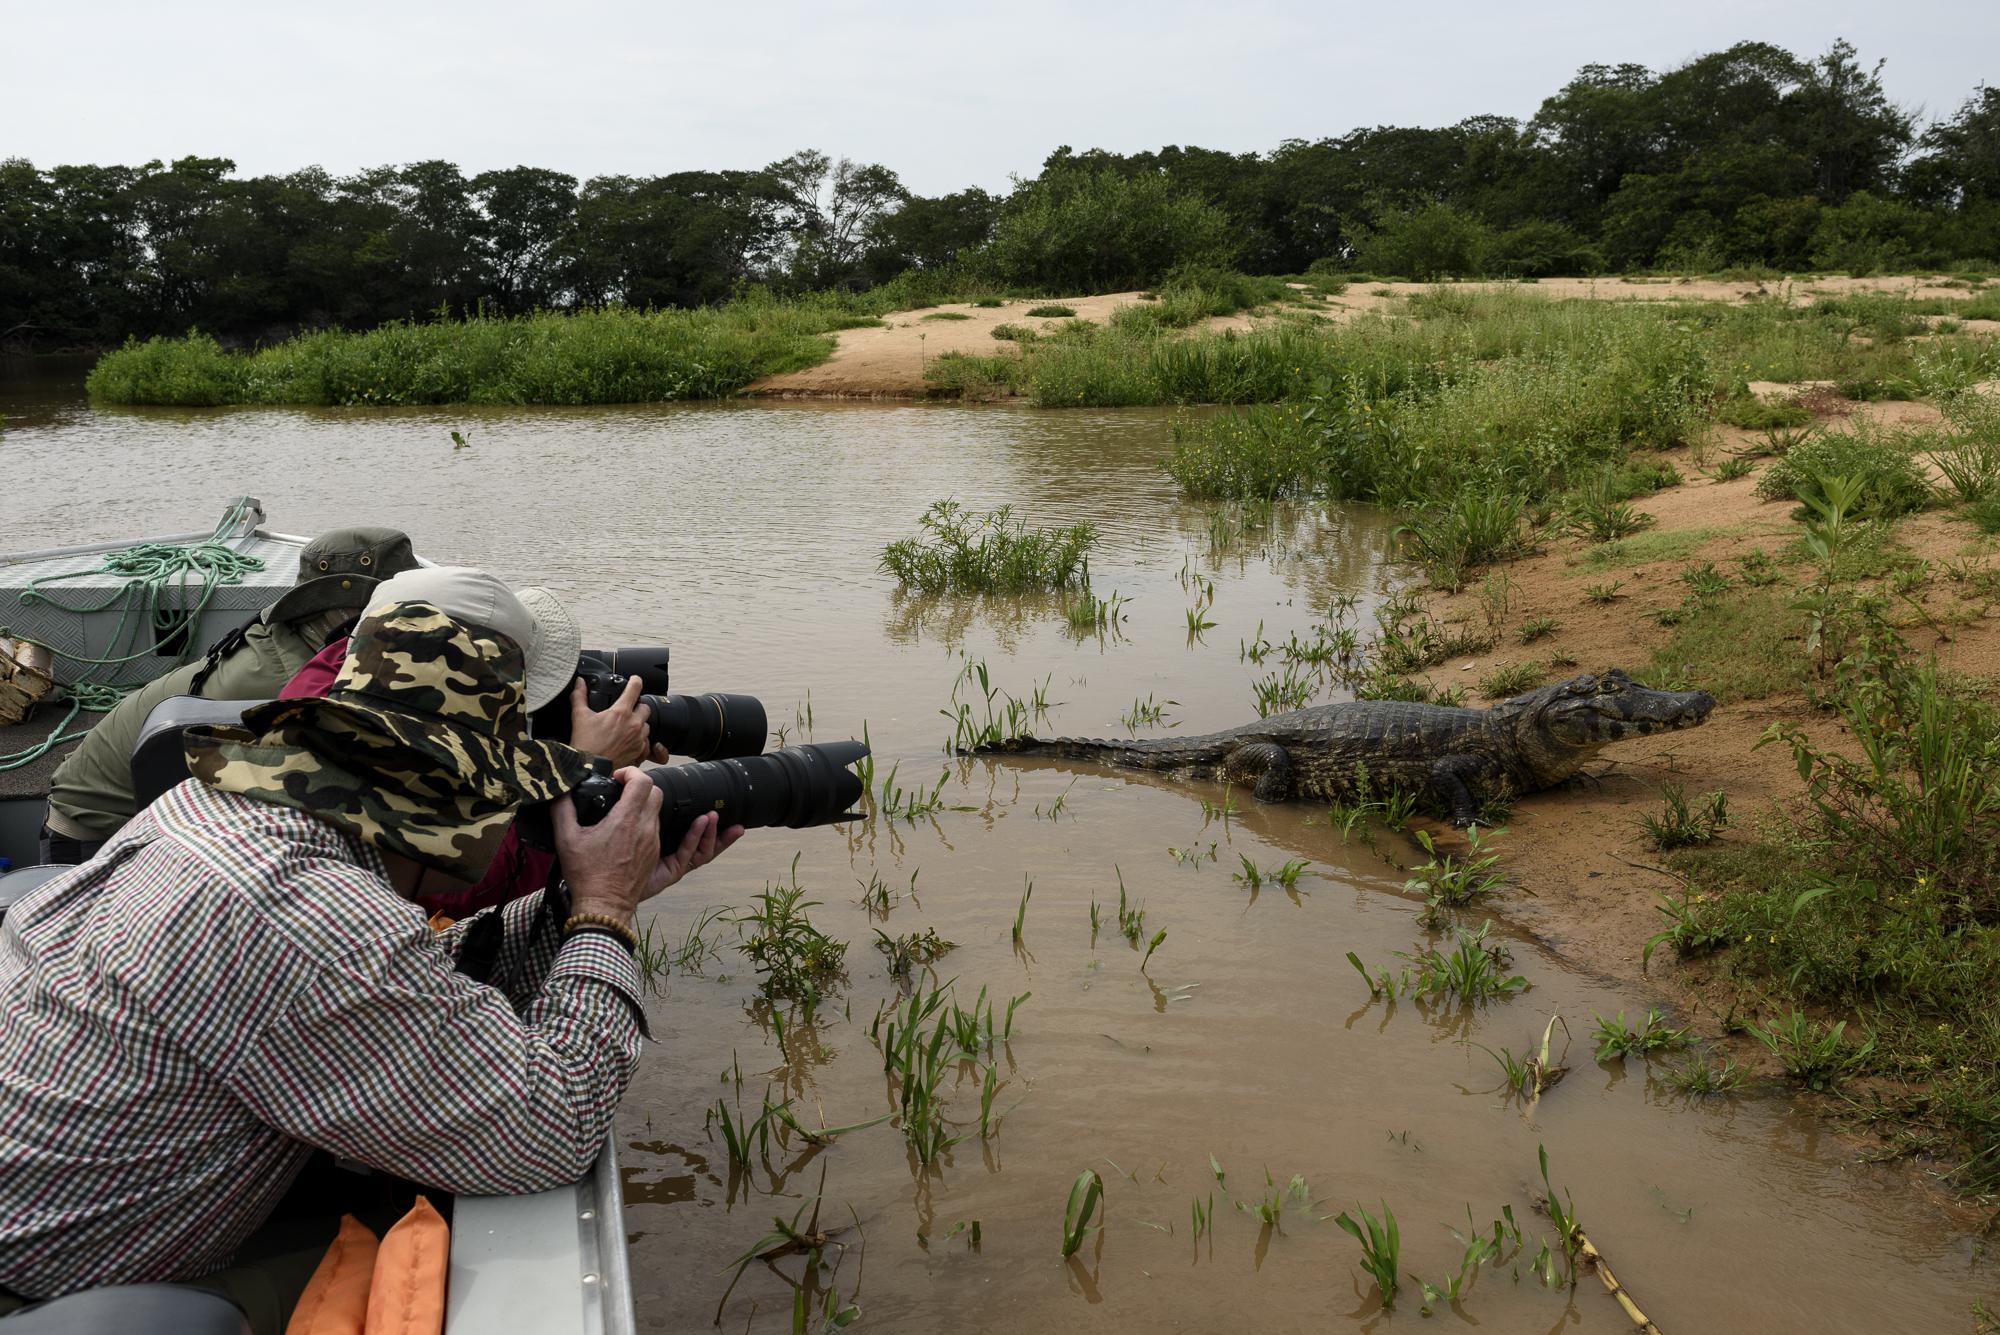 Kaymaner i Pantanal. ©Henrik Karlsson.